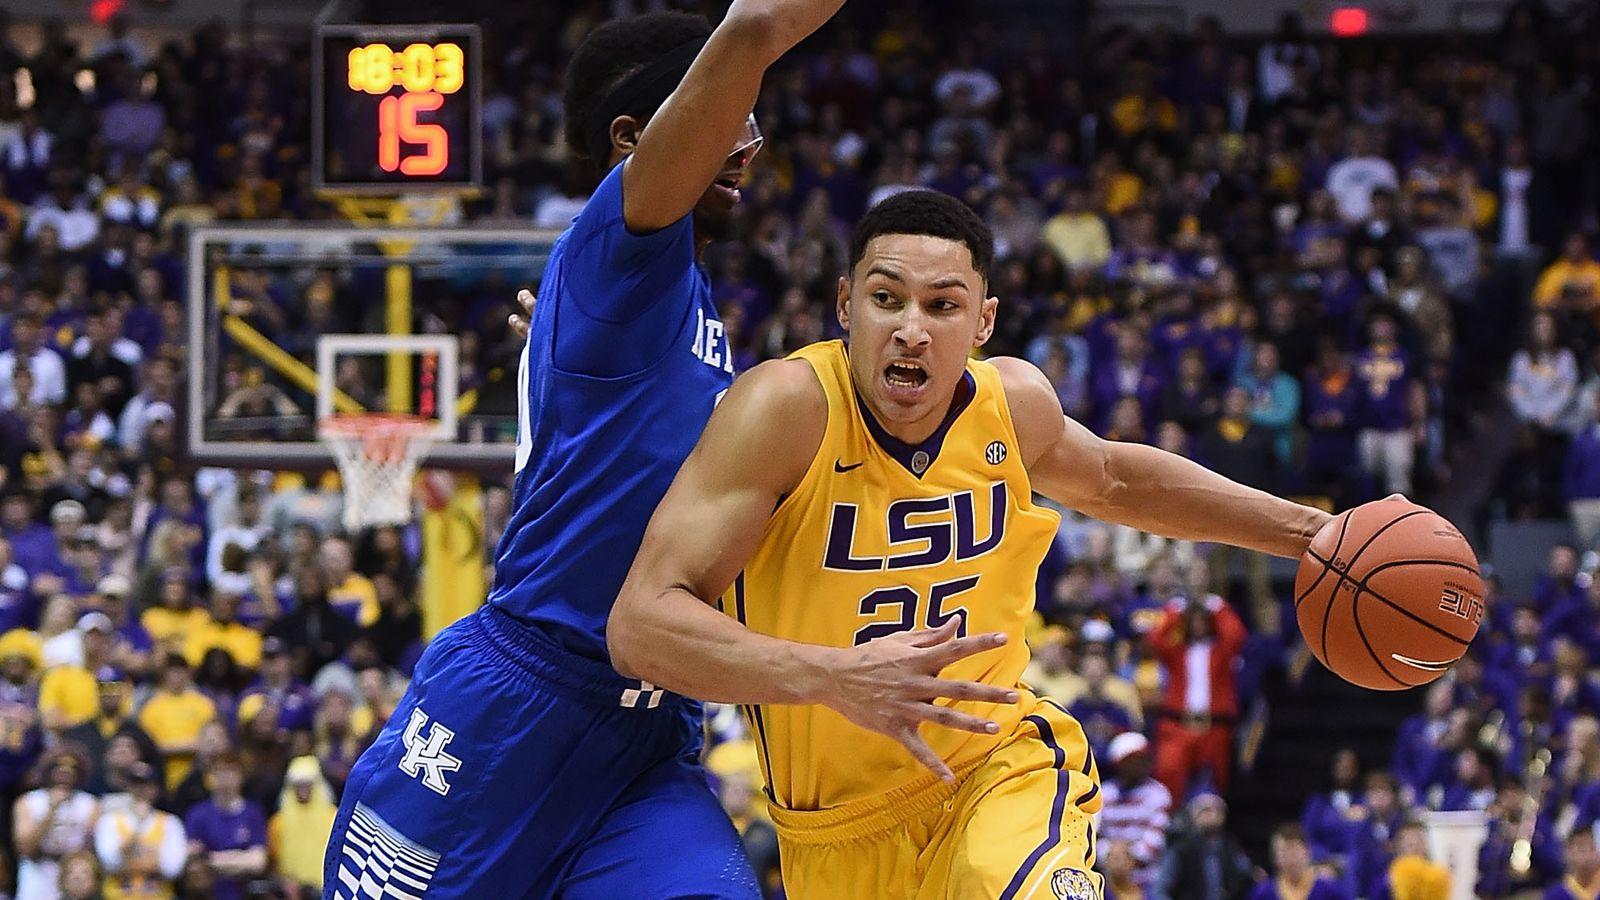 Kentucky Basketball Named Preseason Favorite For Sec Crown: Kentucky Basketball Vs LSU: Game Time, TV, Live Online